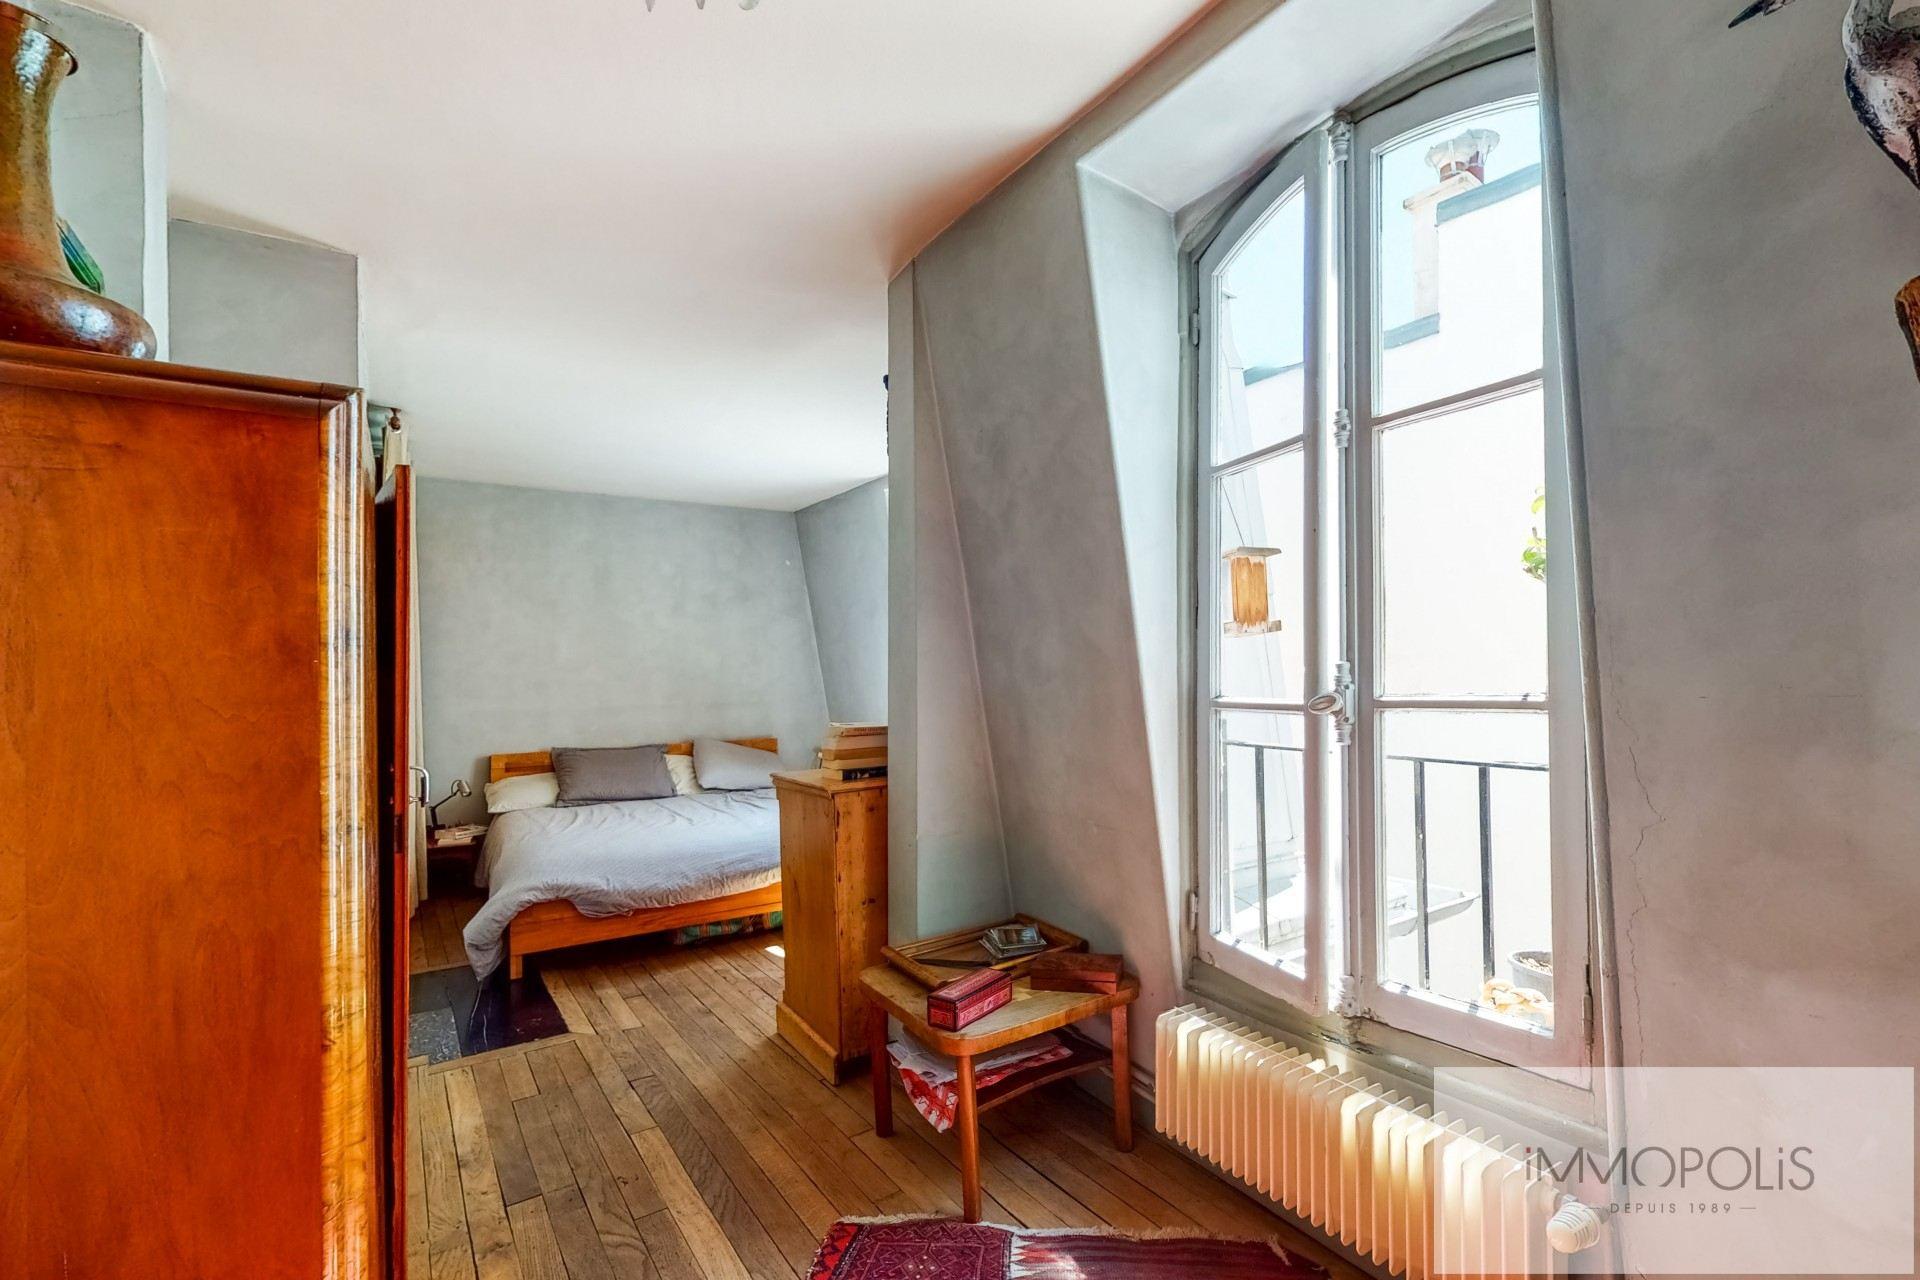 Appartement atypique, plein de charme, Rue Richard Lenoir – Paris XIème 4